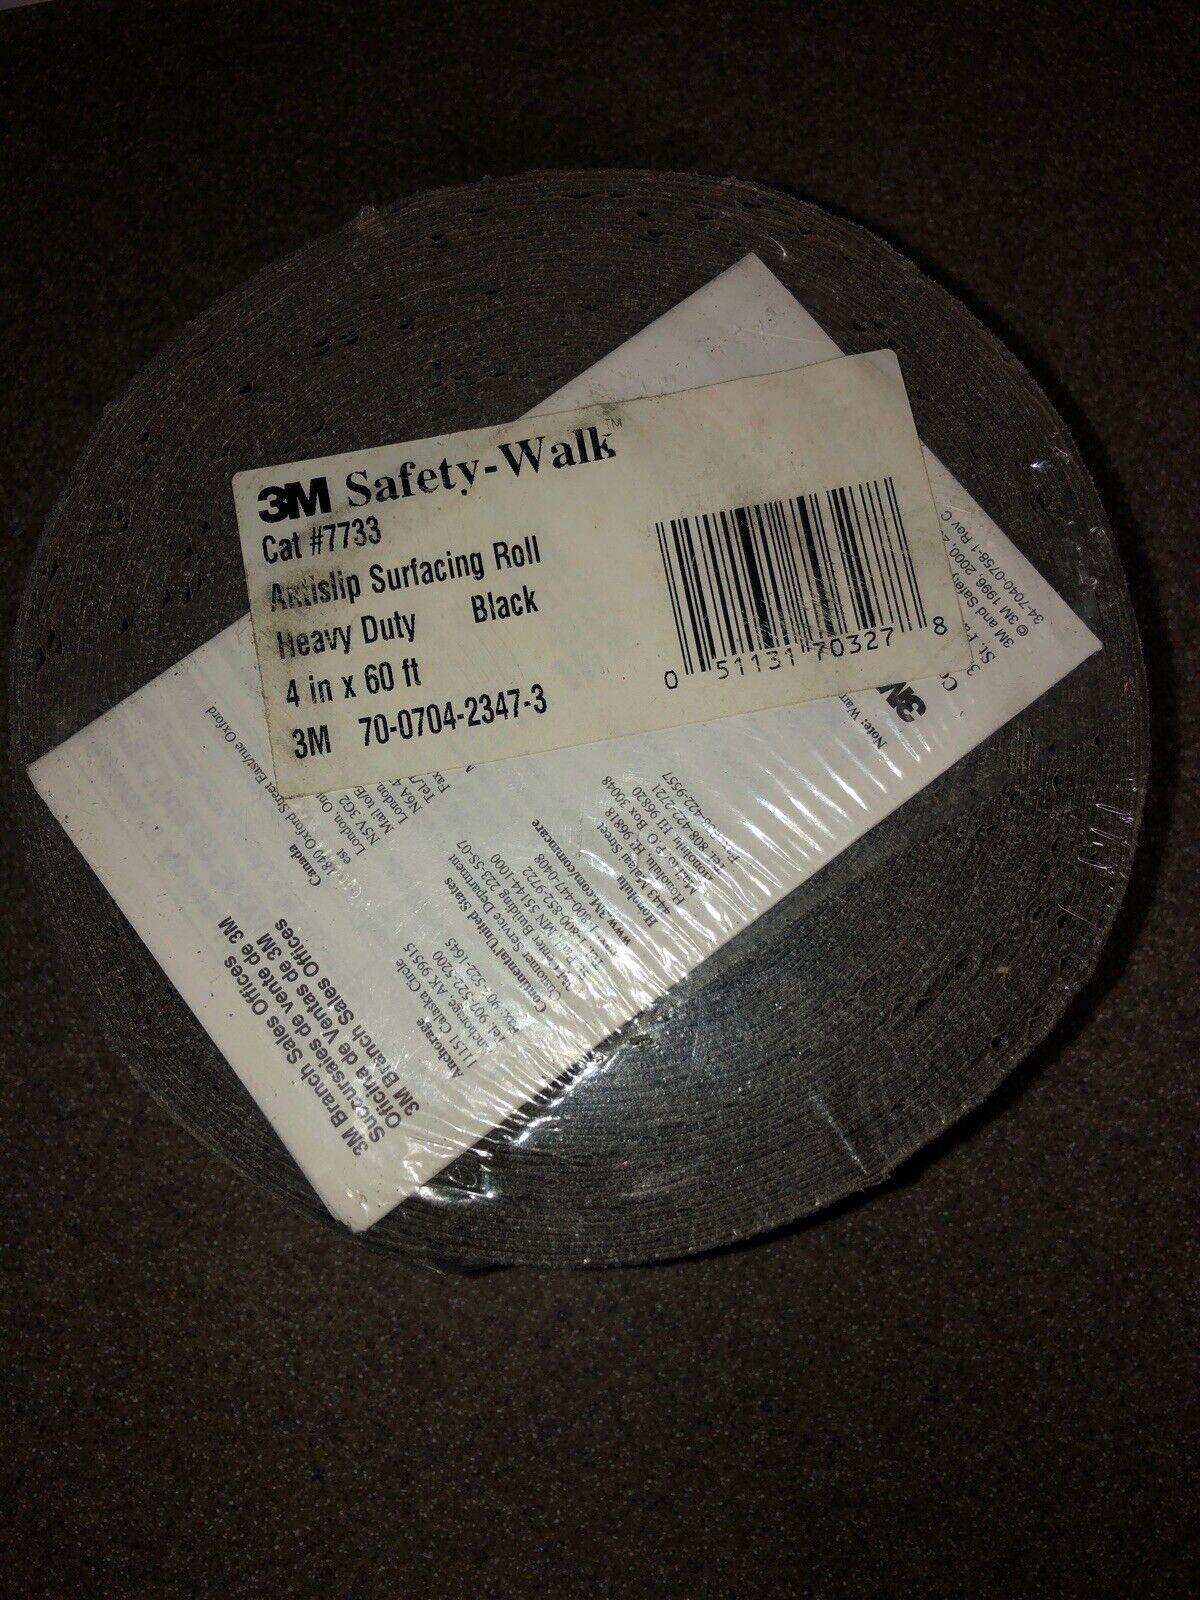 7733 4-Inch by 60-Foot Roll Black 3M Safety-Walk Heavy Duty Tread